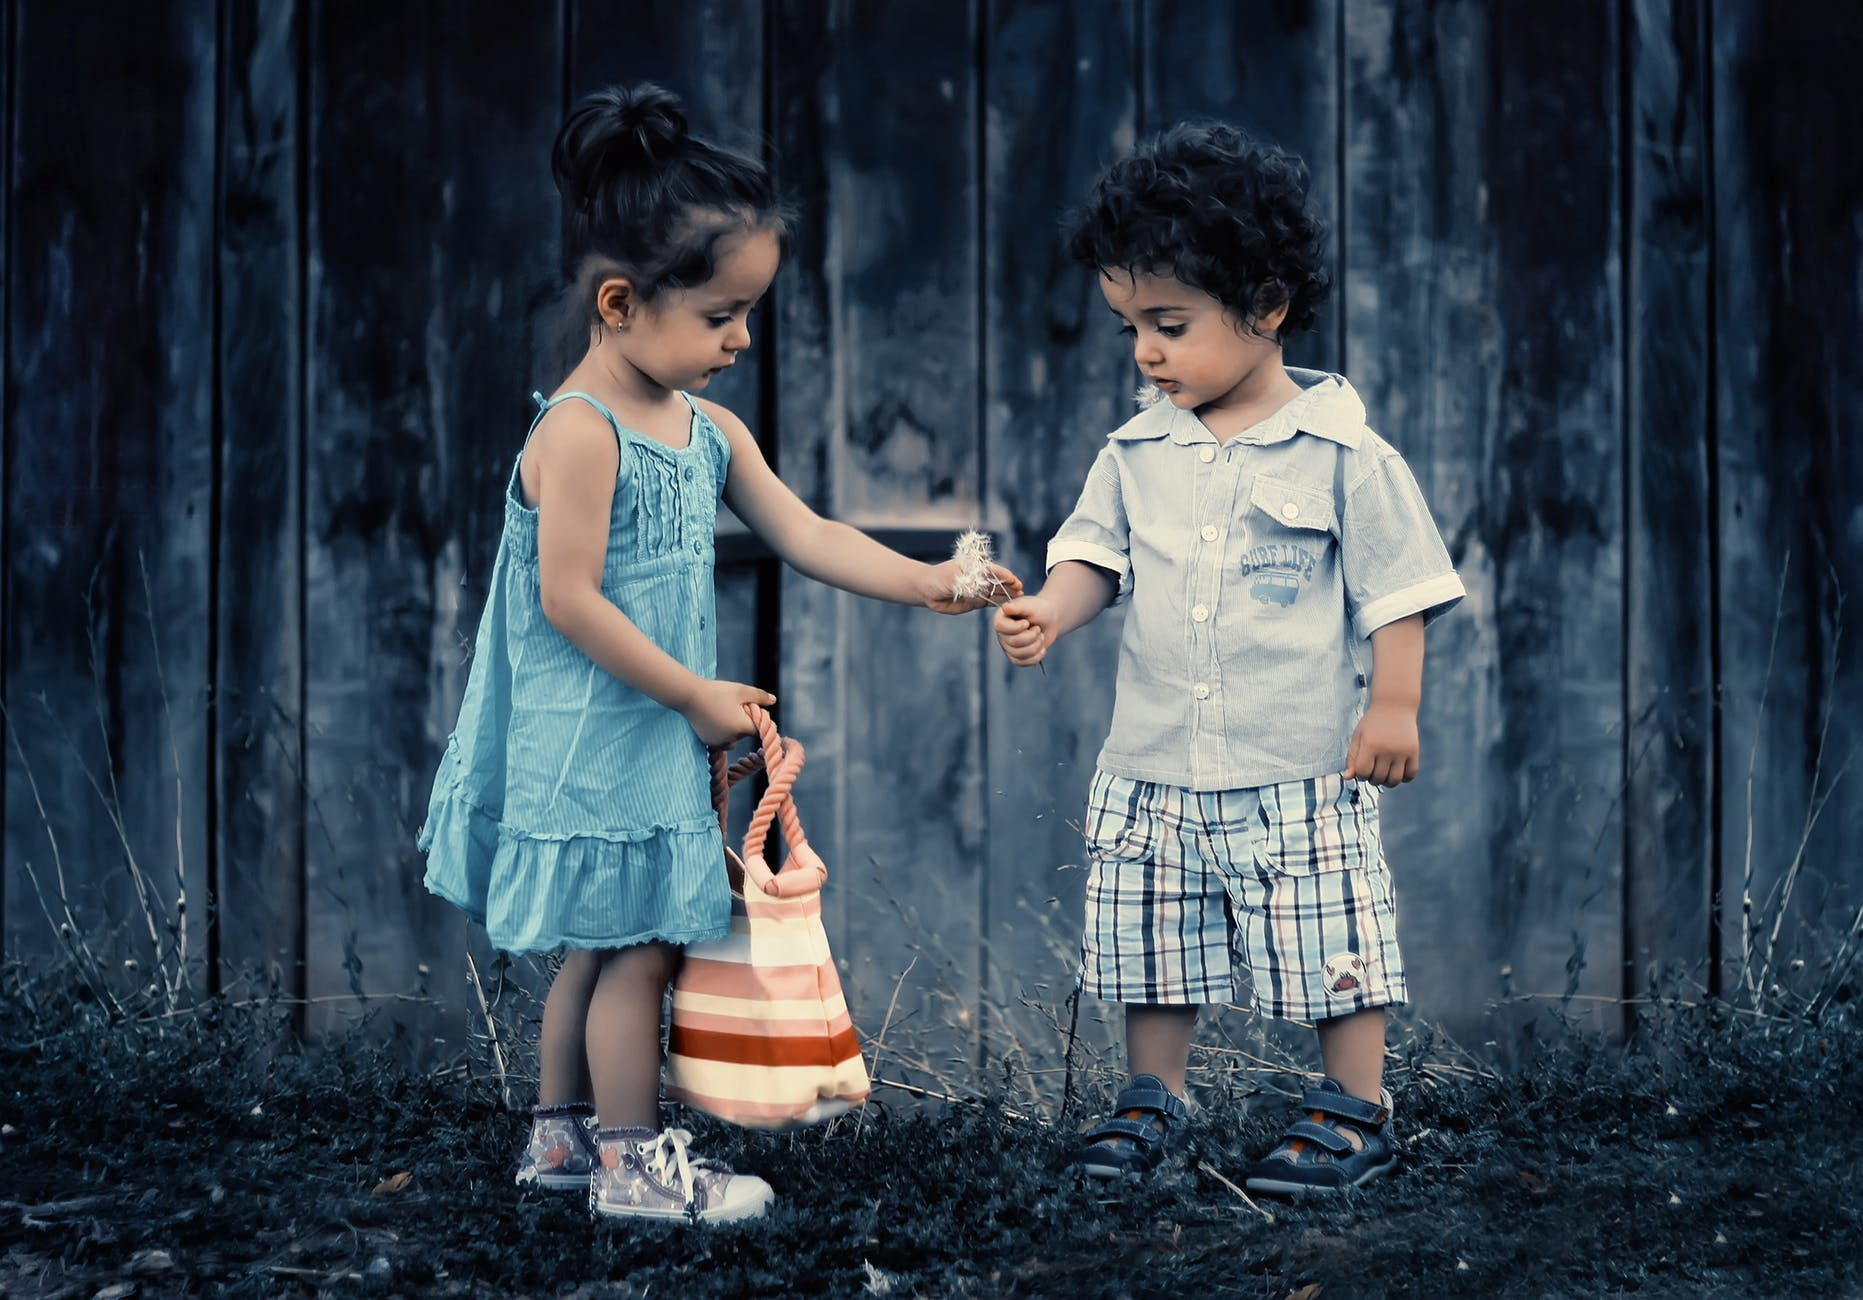 poiss ja tüdruk